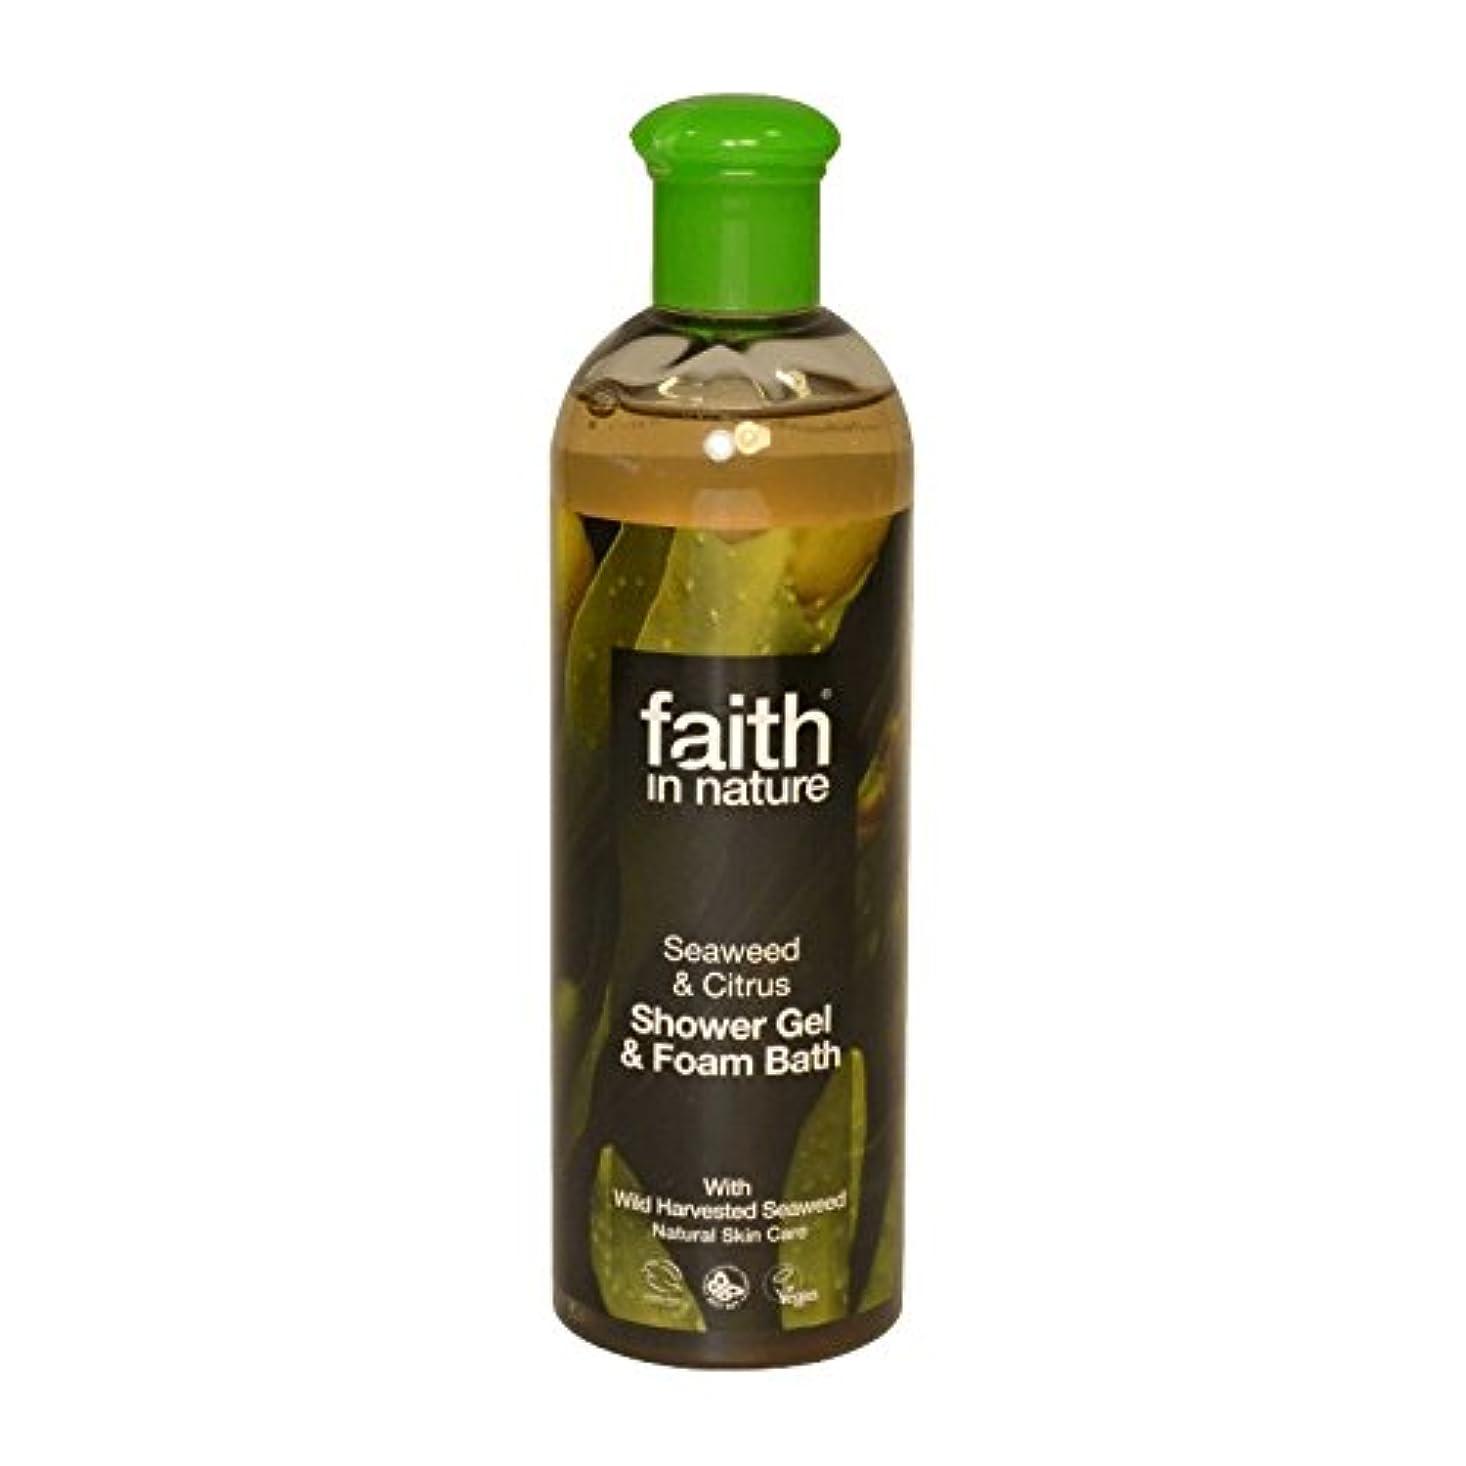 馬鹿げた前者クローゼットFaith in Nature Seaweed & Citrus Shower Gel & Bath Foam 400ml (Pack of 6) - 自然の海藻&シトラスシャワージェル&バス泡400ミリリットルの信仰 (x6) [並行輸入品]